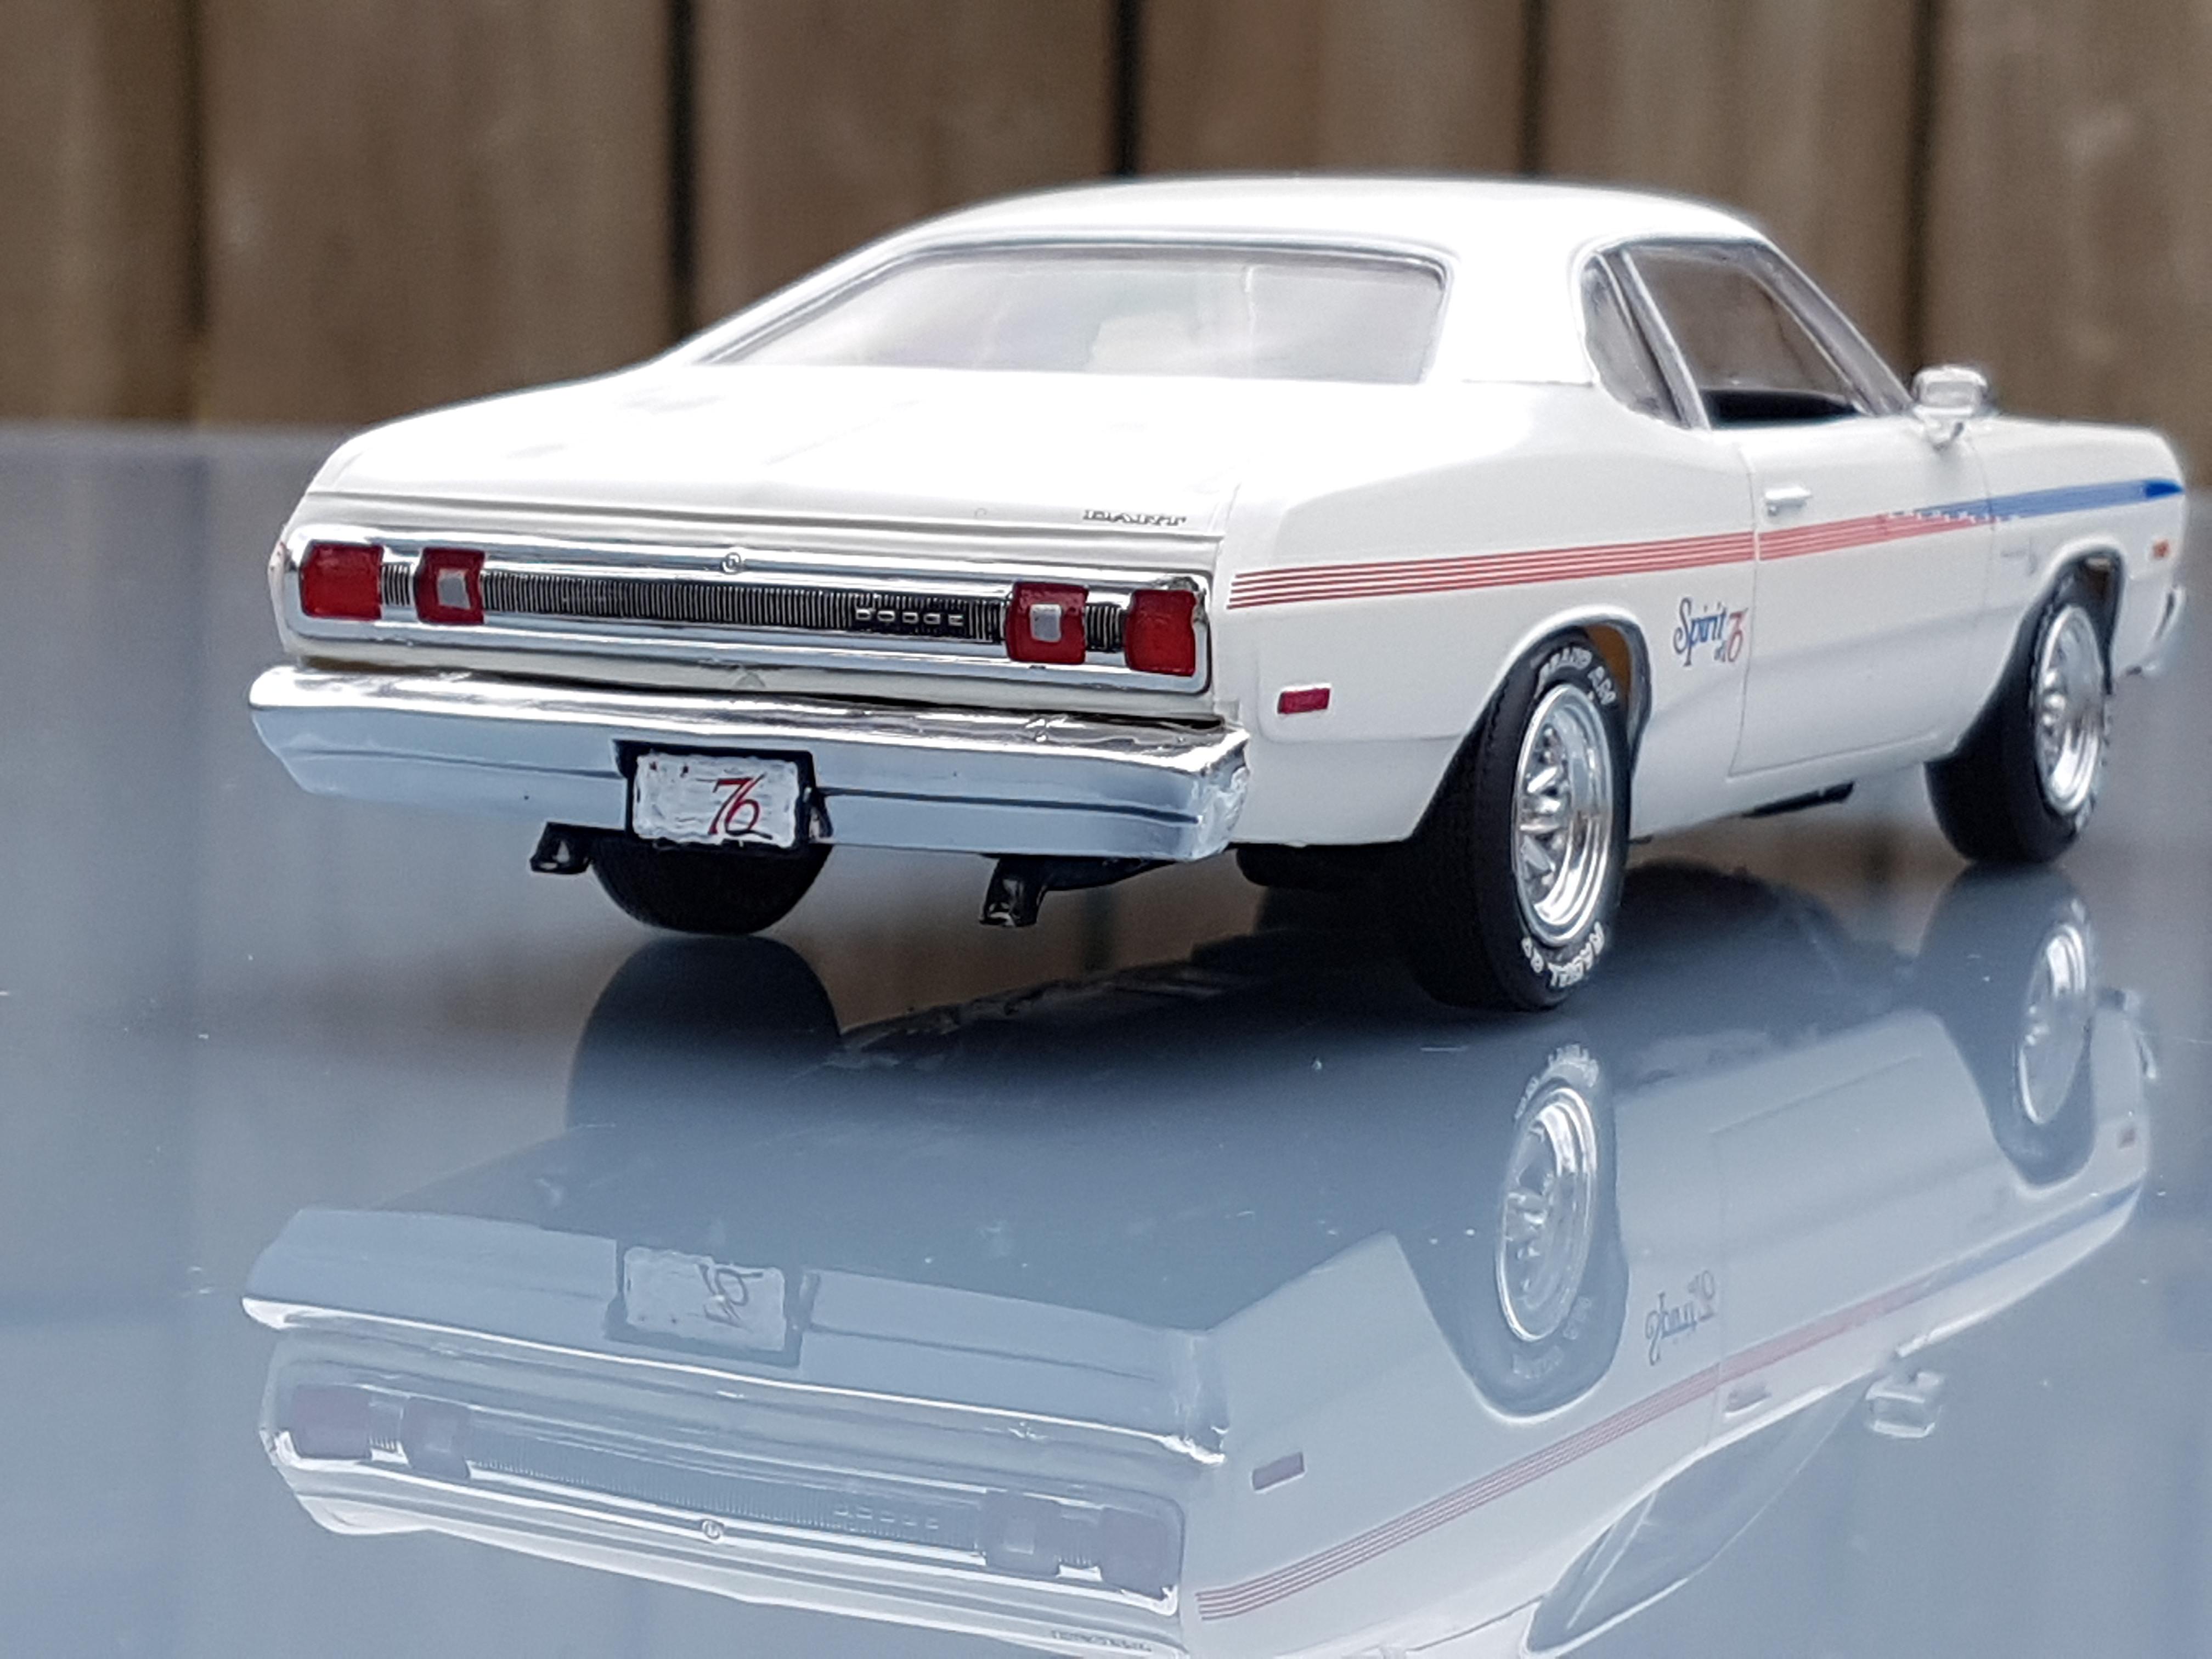 1976 Dodge Dart Lite Spirit Of 76 Mpc Rays Kits Chevy Truck